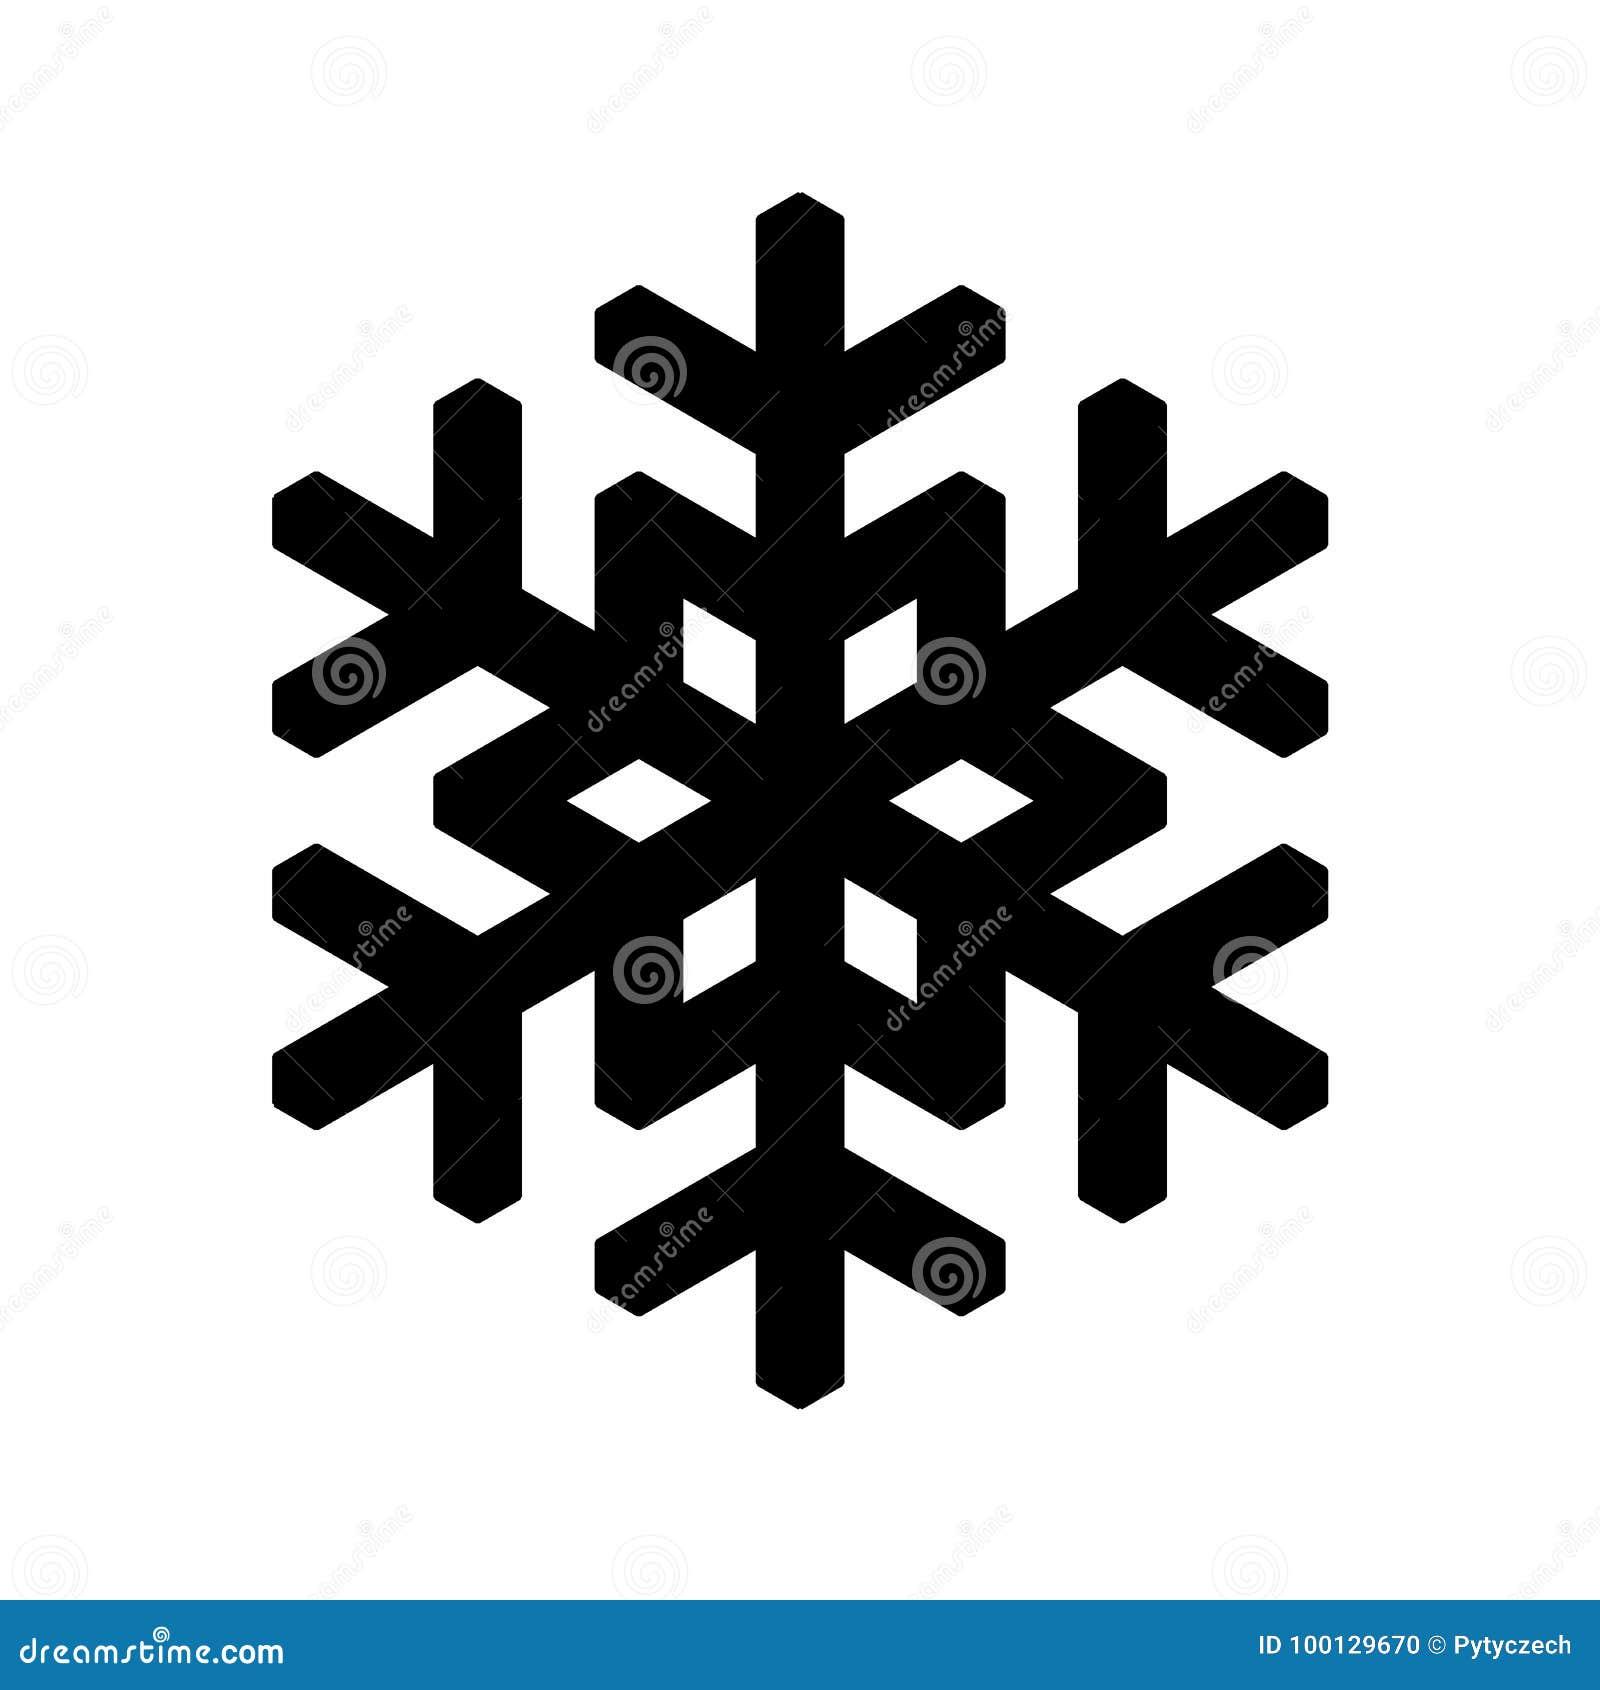 Icona del fiocco di neve Natale e tema di inverno Illustrazione semplice del nero piano su fondo bianco